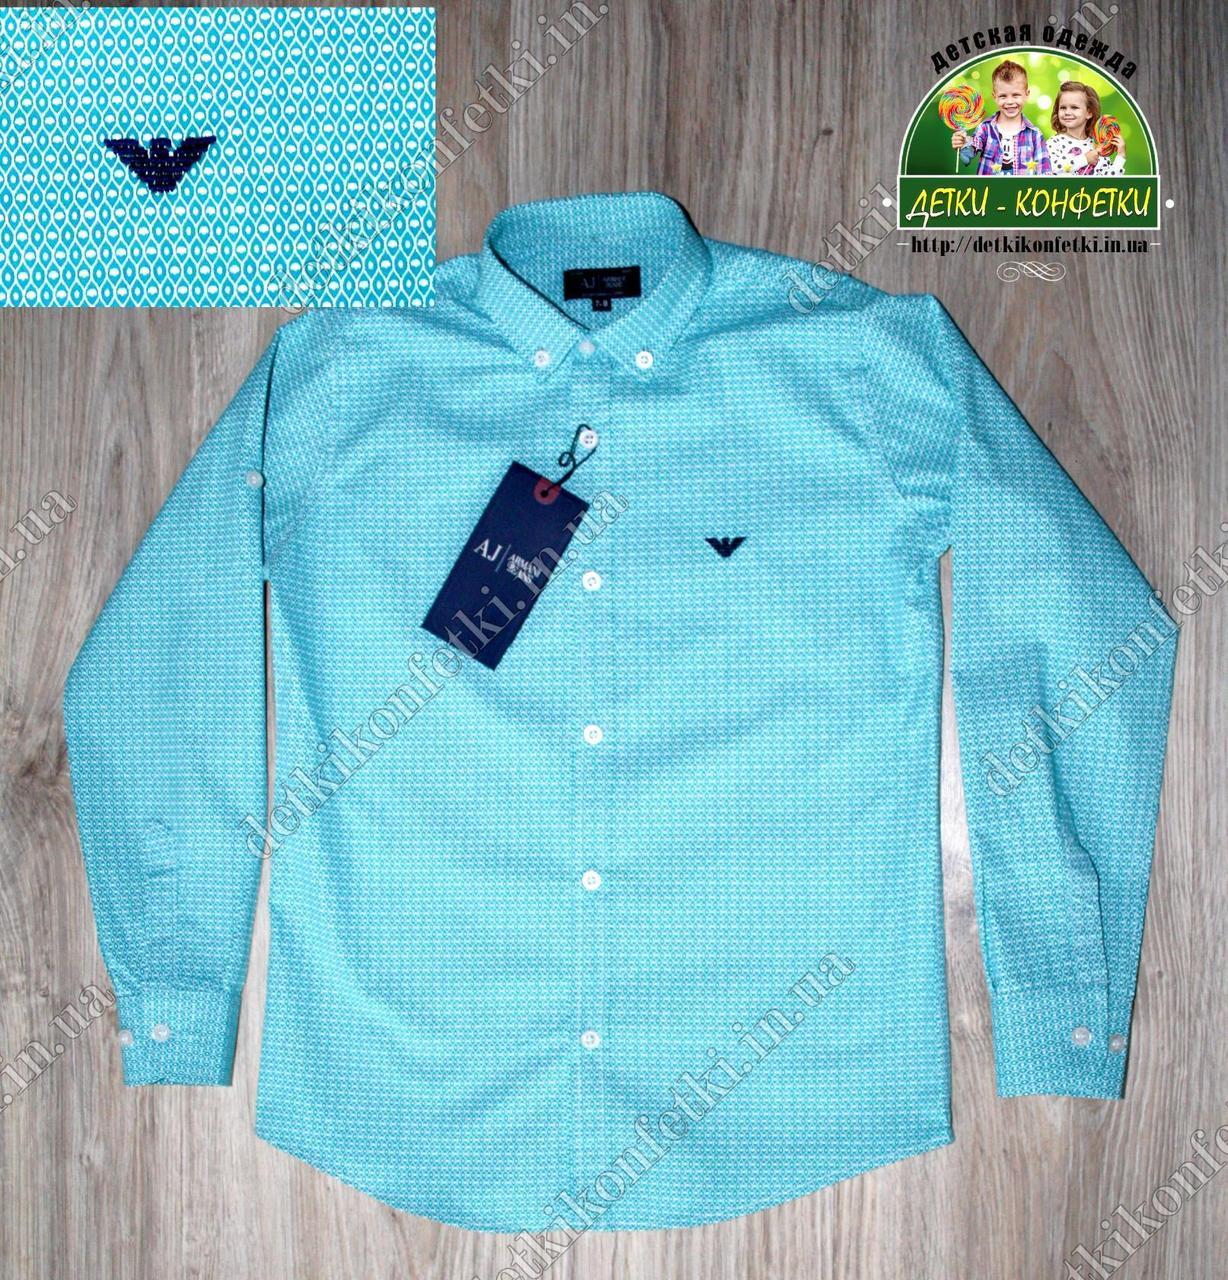 2af0dcc6c063 Рубашка детская нарядная ARMANI бирюза: продажа, цена в Запорожье. рубашки  для ...